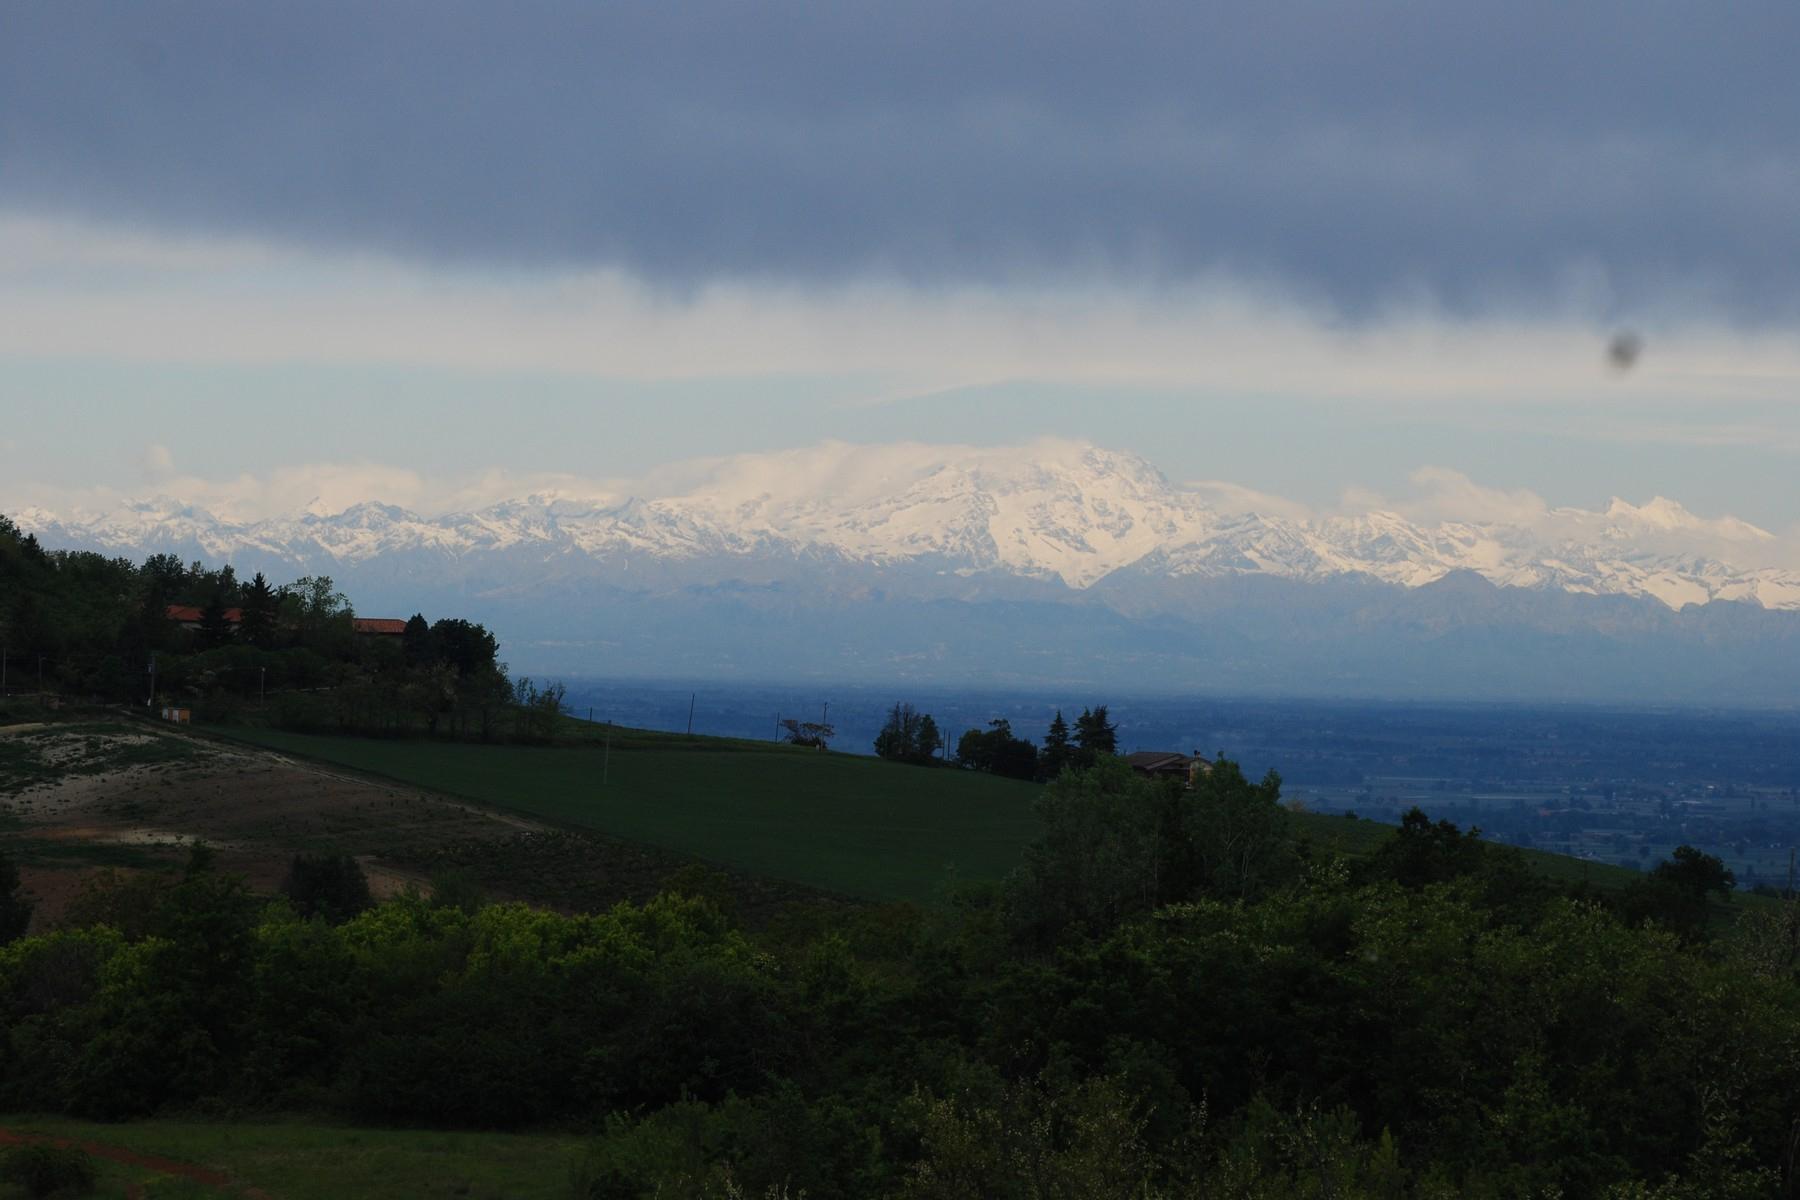 Rustico in Vendita a Montemarzino: 5 locali, 300 mq - Foto 23